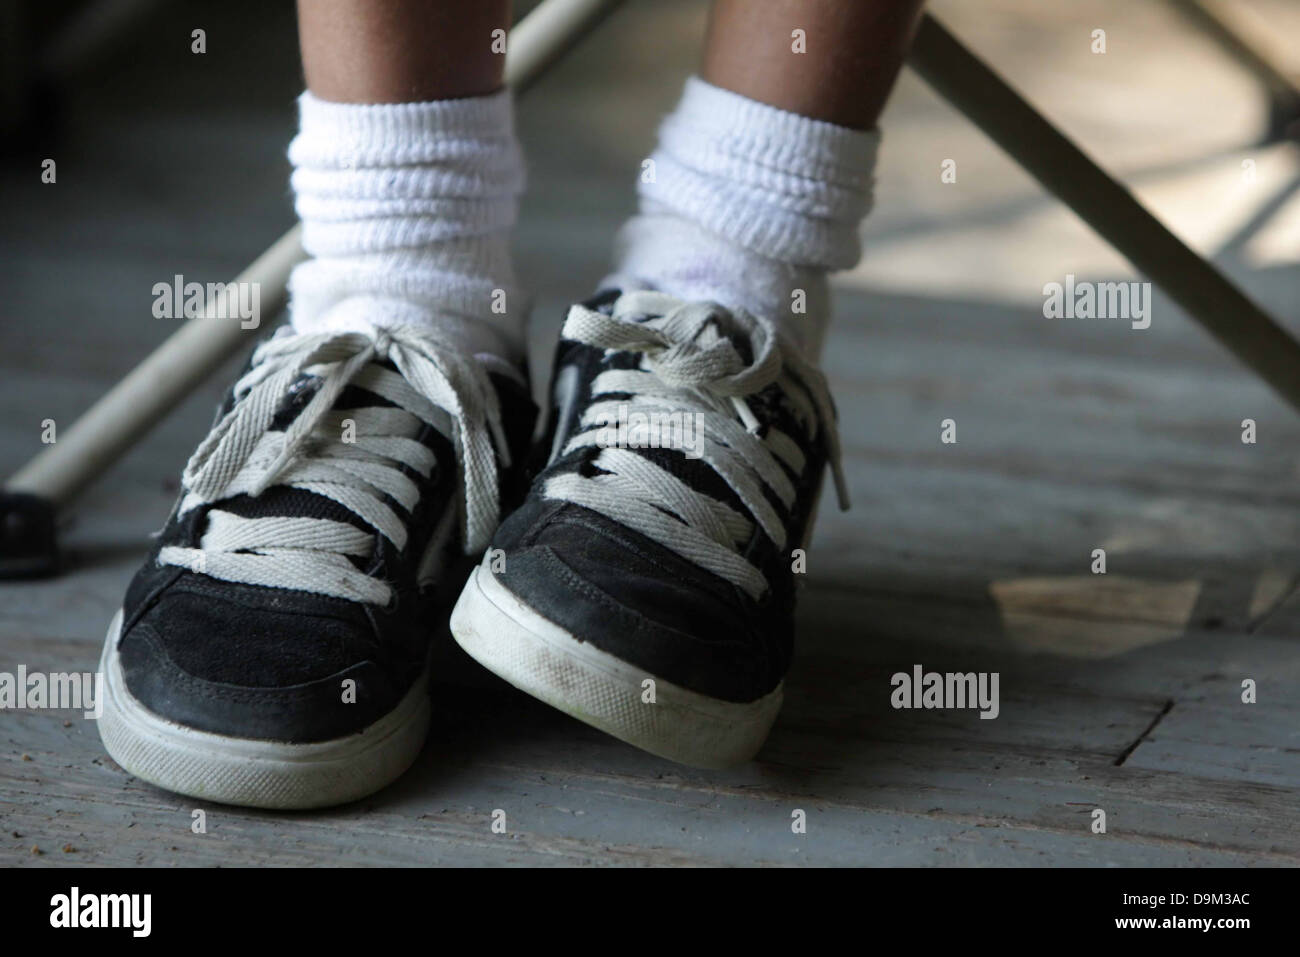 Les Blanc Sneakers PiedsVêtu Et Noir De EnfantSeulement H2IDE9